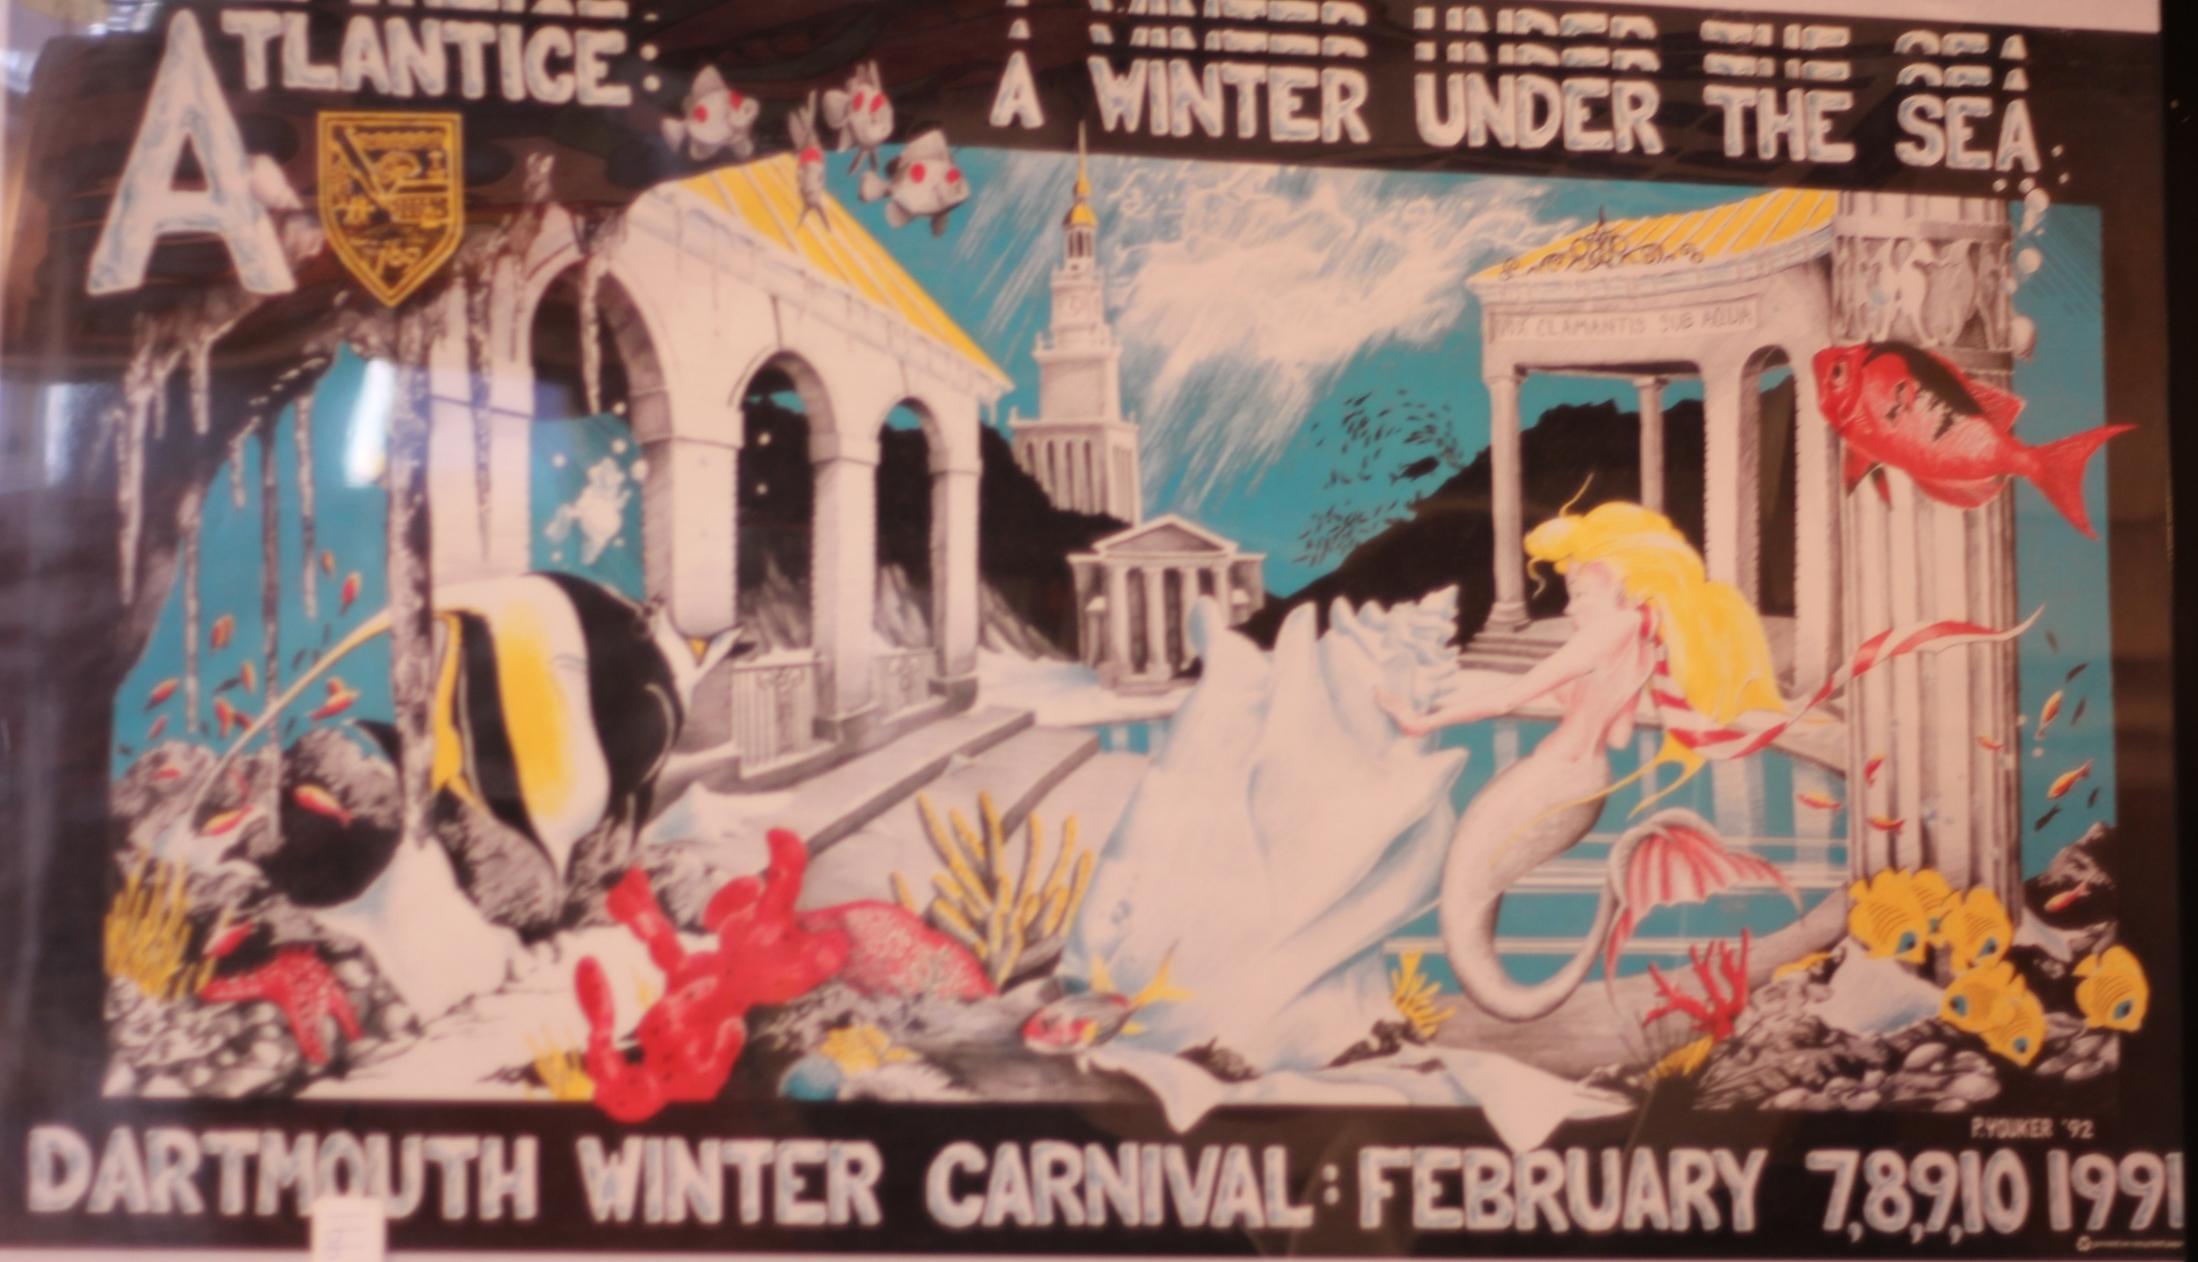 Dartmouth Winter Carnival 1991